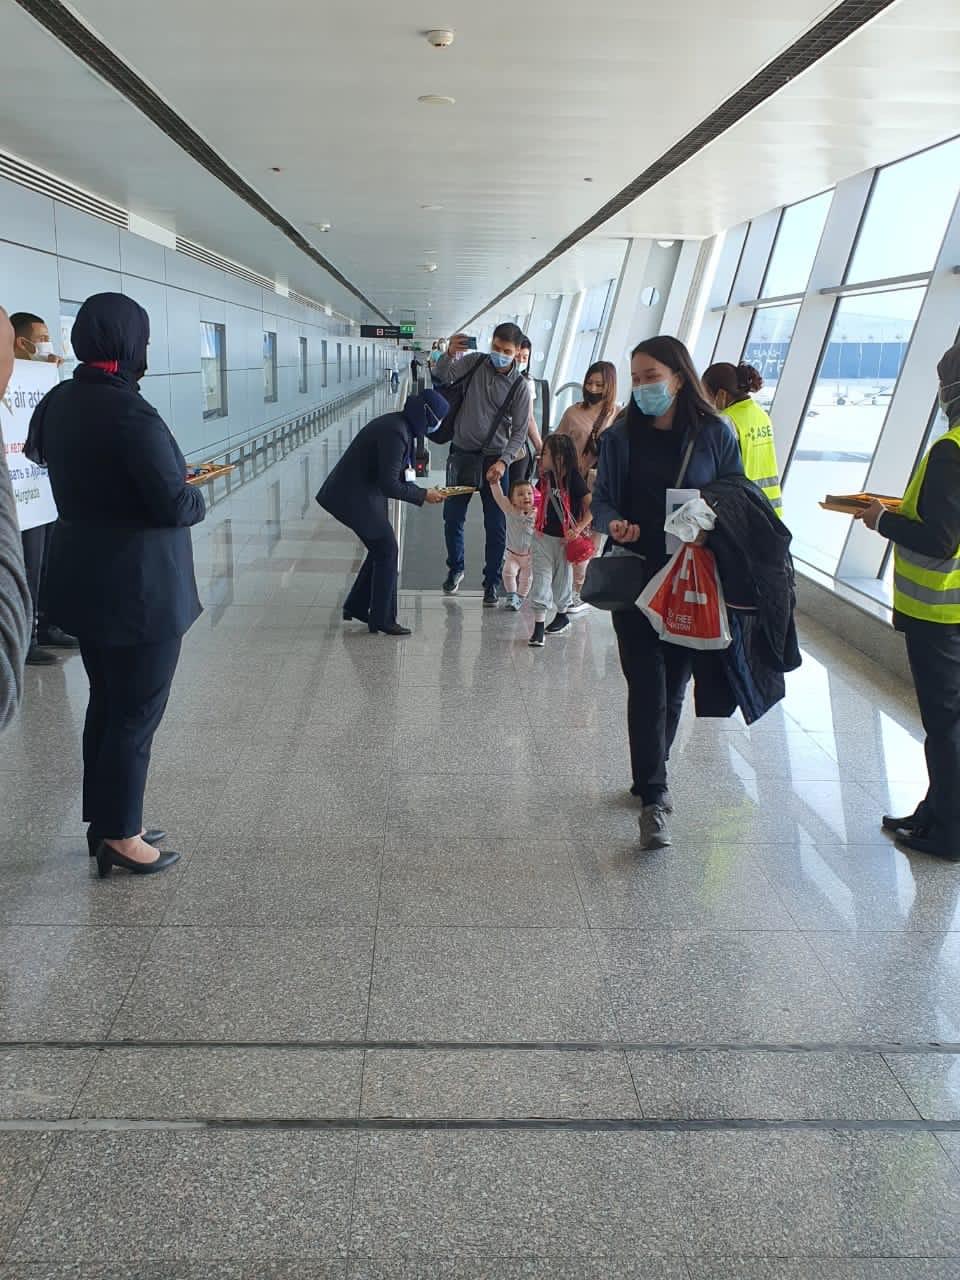 مطار الغردقة يستقبل الركاب بالورود والشيكولاته   (1)